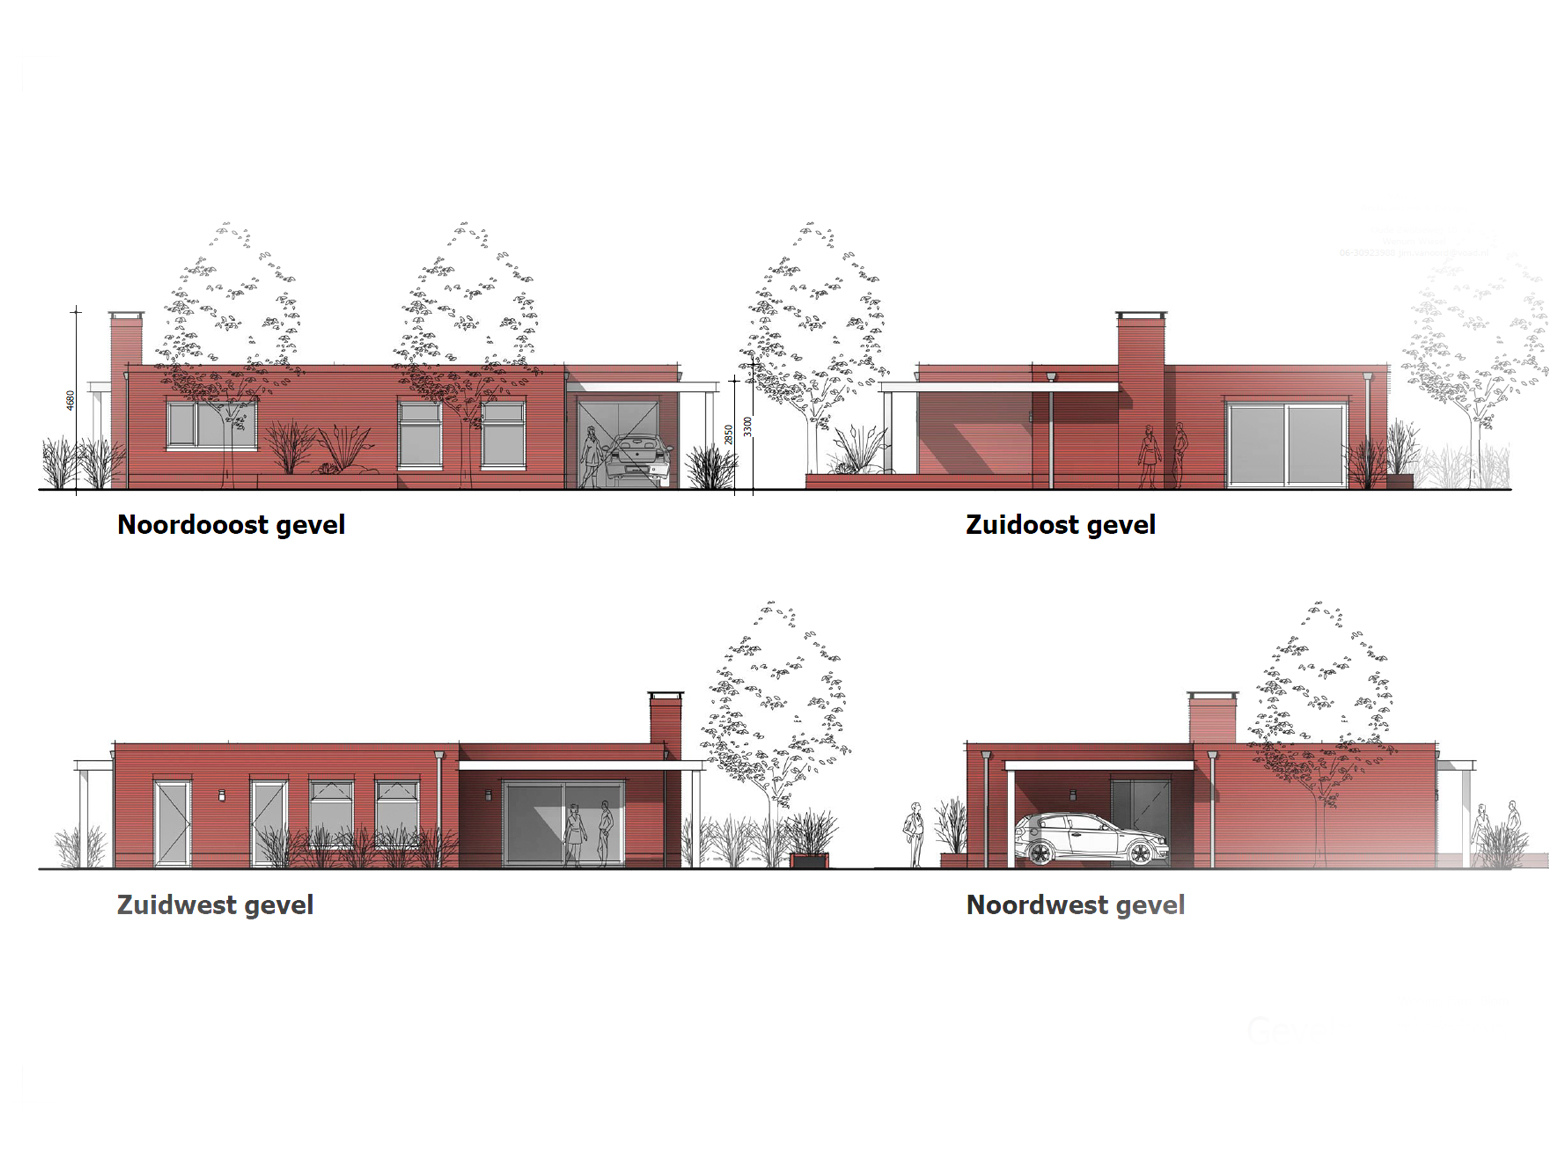 levensloopbestendigewoning-platdak-nieuw-buinen-van-oord-architectuur-en-design-wenum-wiesel-architect-voorst-architect-apeldoorn-3